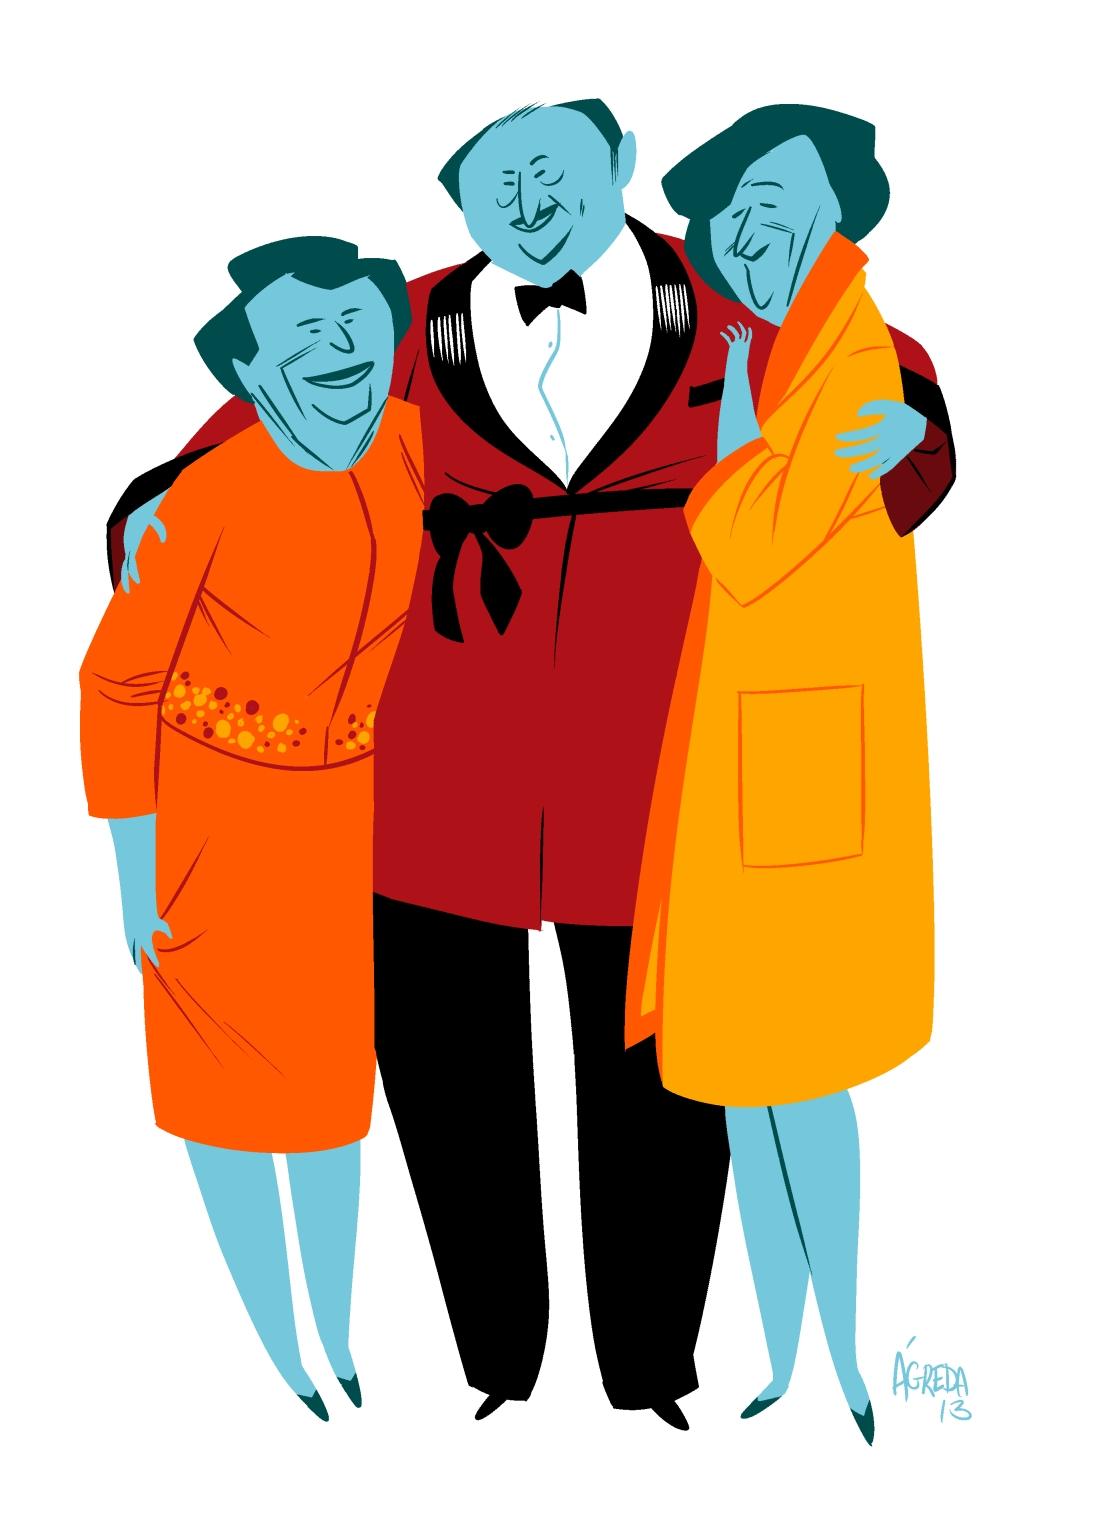 jose-luis-agreda-illustration-oldskull-7